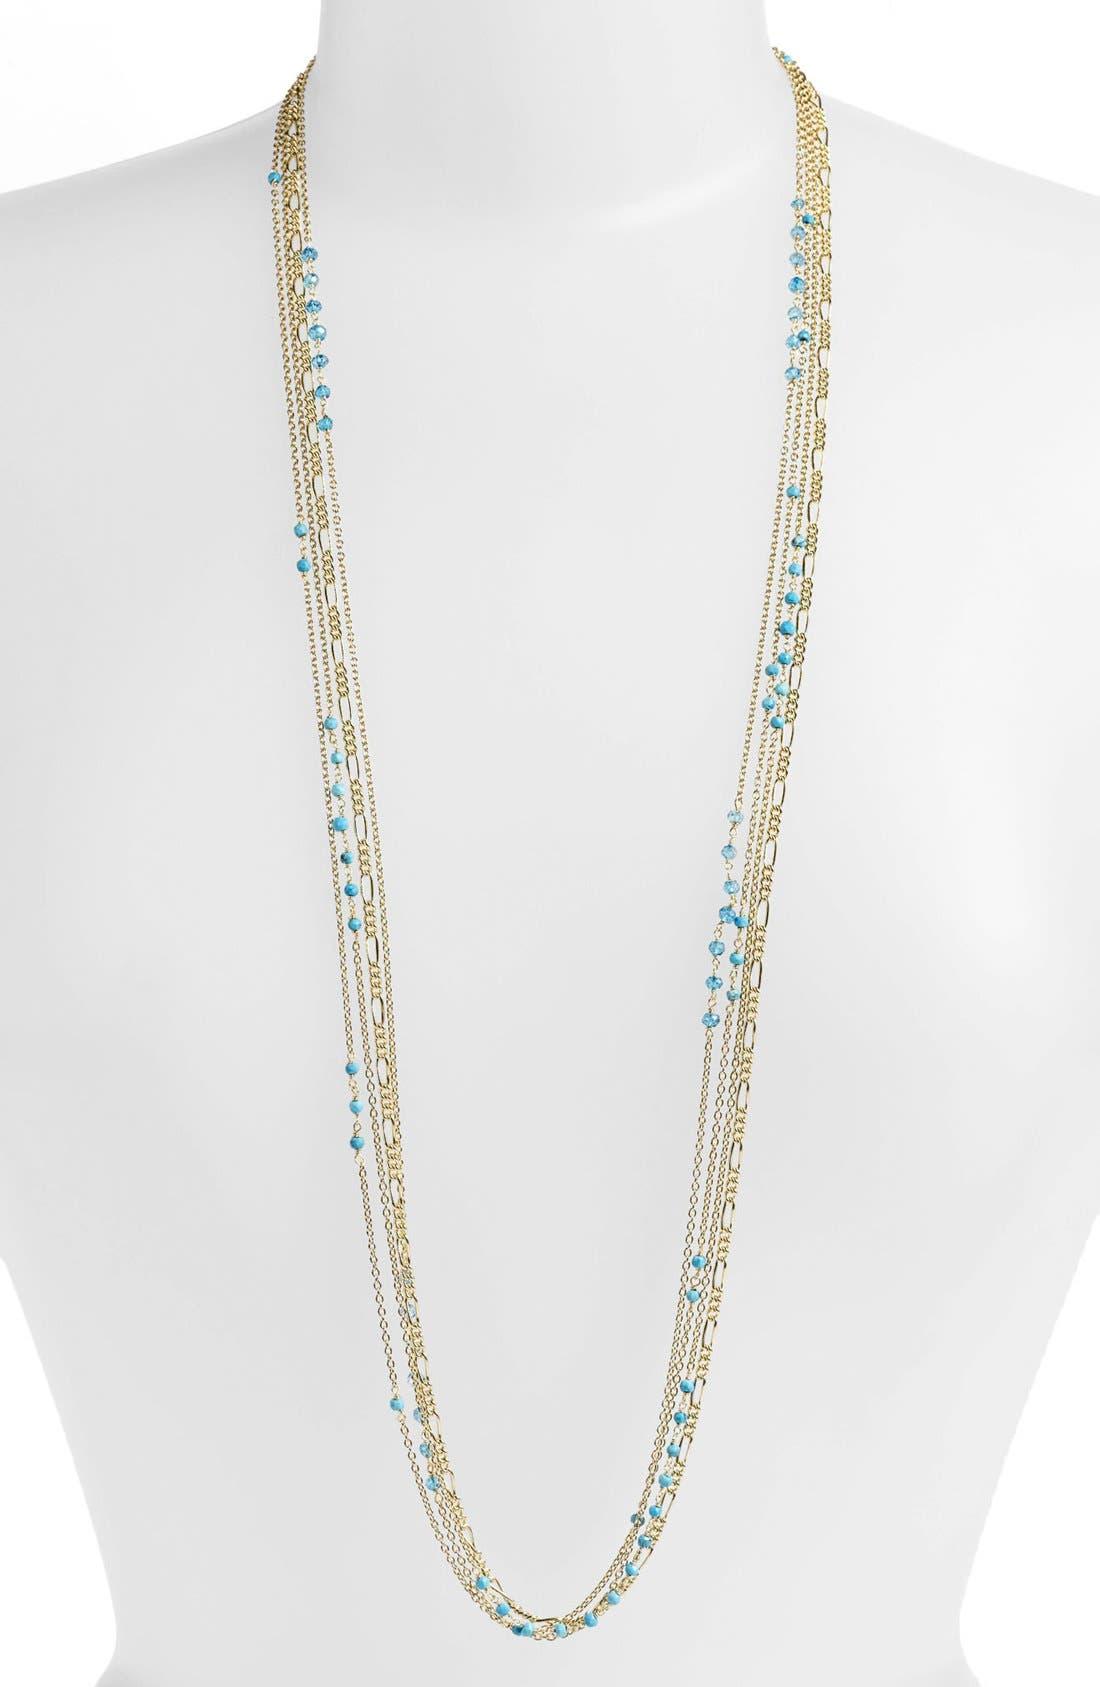 Main Image - NuNu Designs Multistrand Necklace